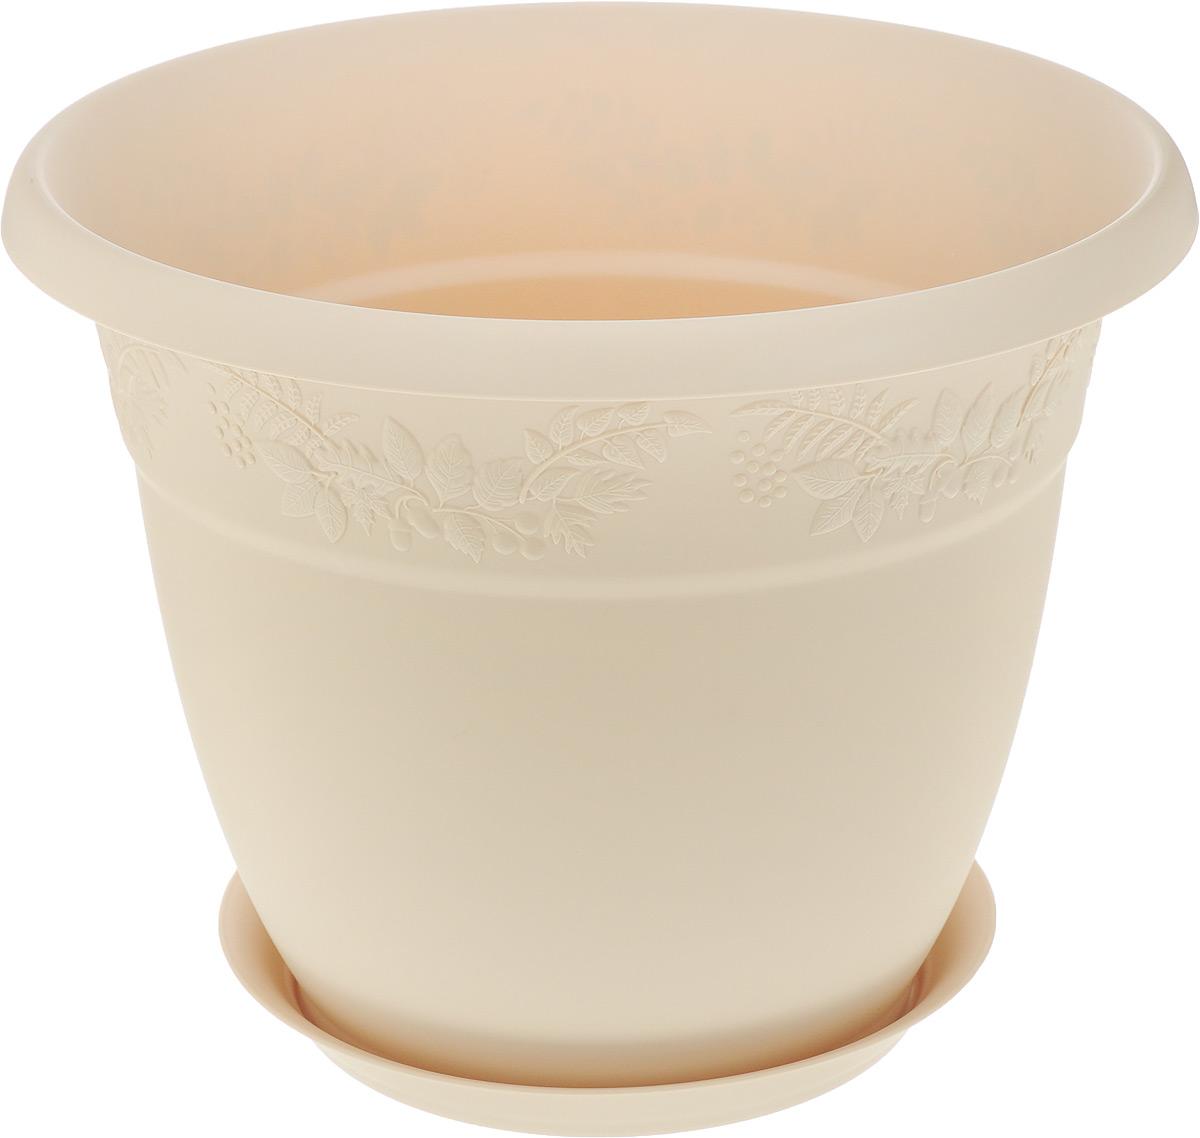 Кашпо Idea Рябина, с поддоном, цвет: белая глина, 10 лМ 3058_белая глинаКашпо Idea Рябина изготовлено из высококачественного полипропилена (пластика). Специальный поддон предназначен для стока воды. Изделие прекрасно подходит для выращивания растений и цветов в домашних условиях. Лаконичный дизайн впишется в интерьер любого помещения. Диаметр поддона: 21,5 см. Объем кашпо: 10 л. Диаметр кашпо по верхнему краю: 30,5 см. Высота кашпо: 25 см.